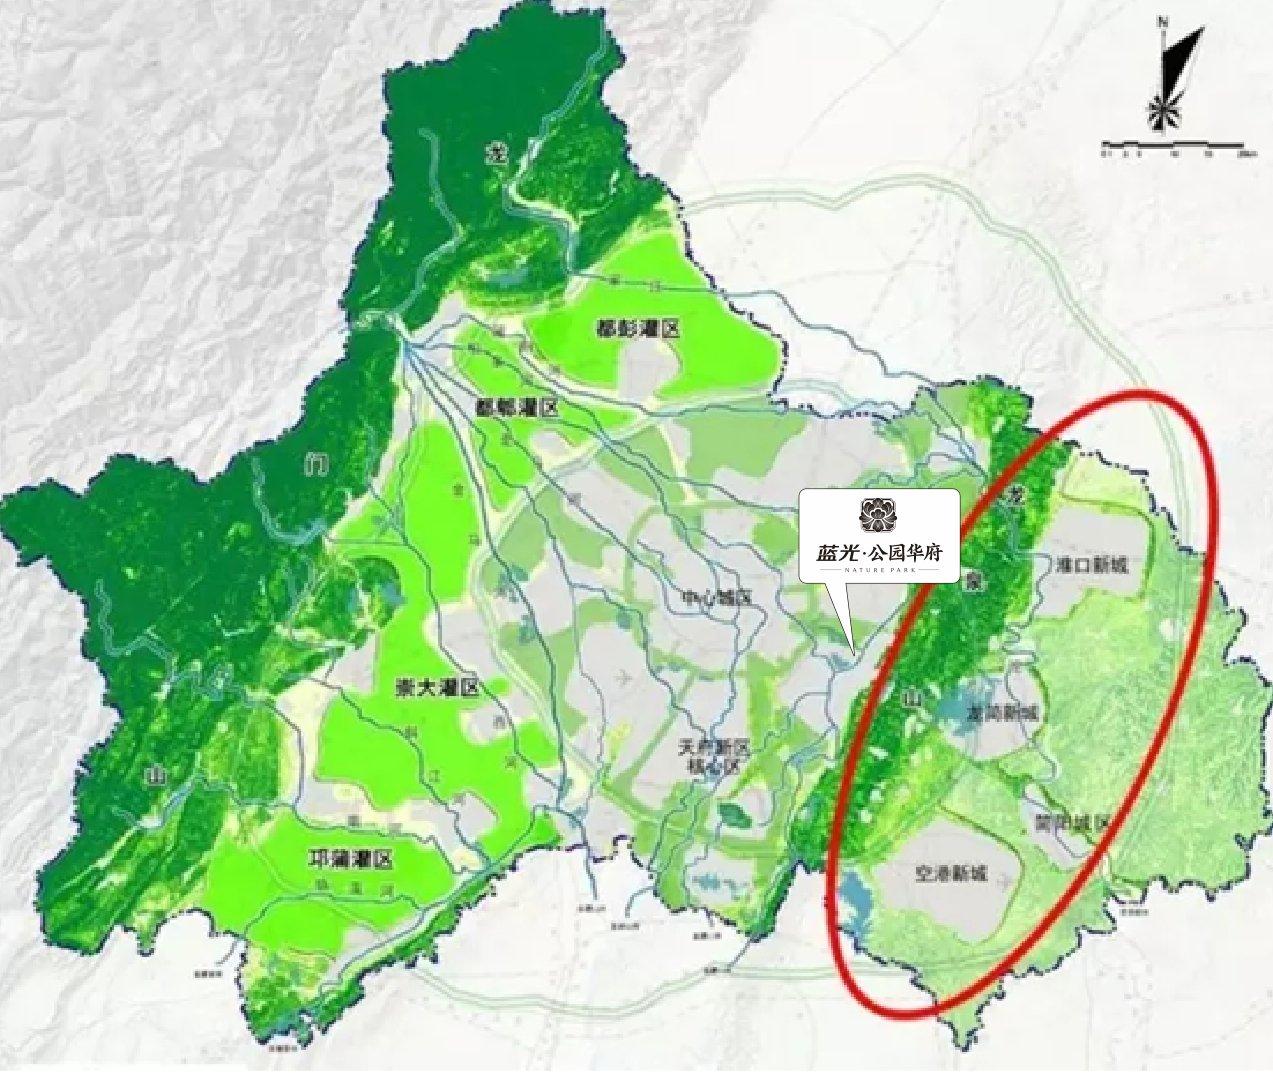 同年,龙泉山城市森林公园开工,建设面积超过1000平方公里. 1.图片